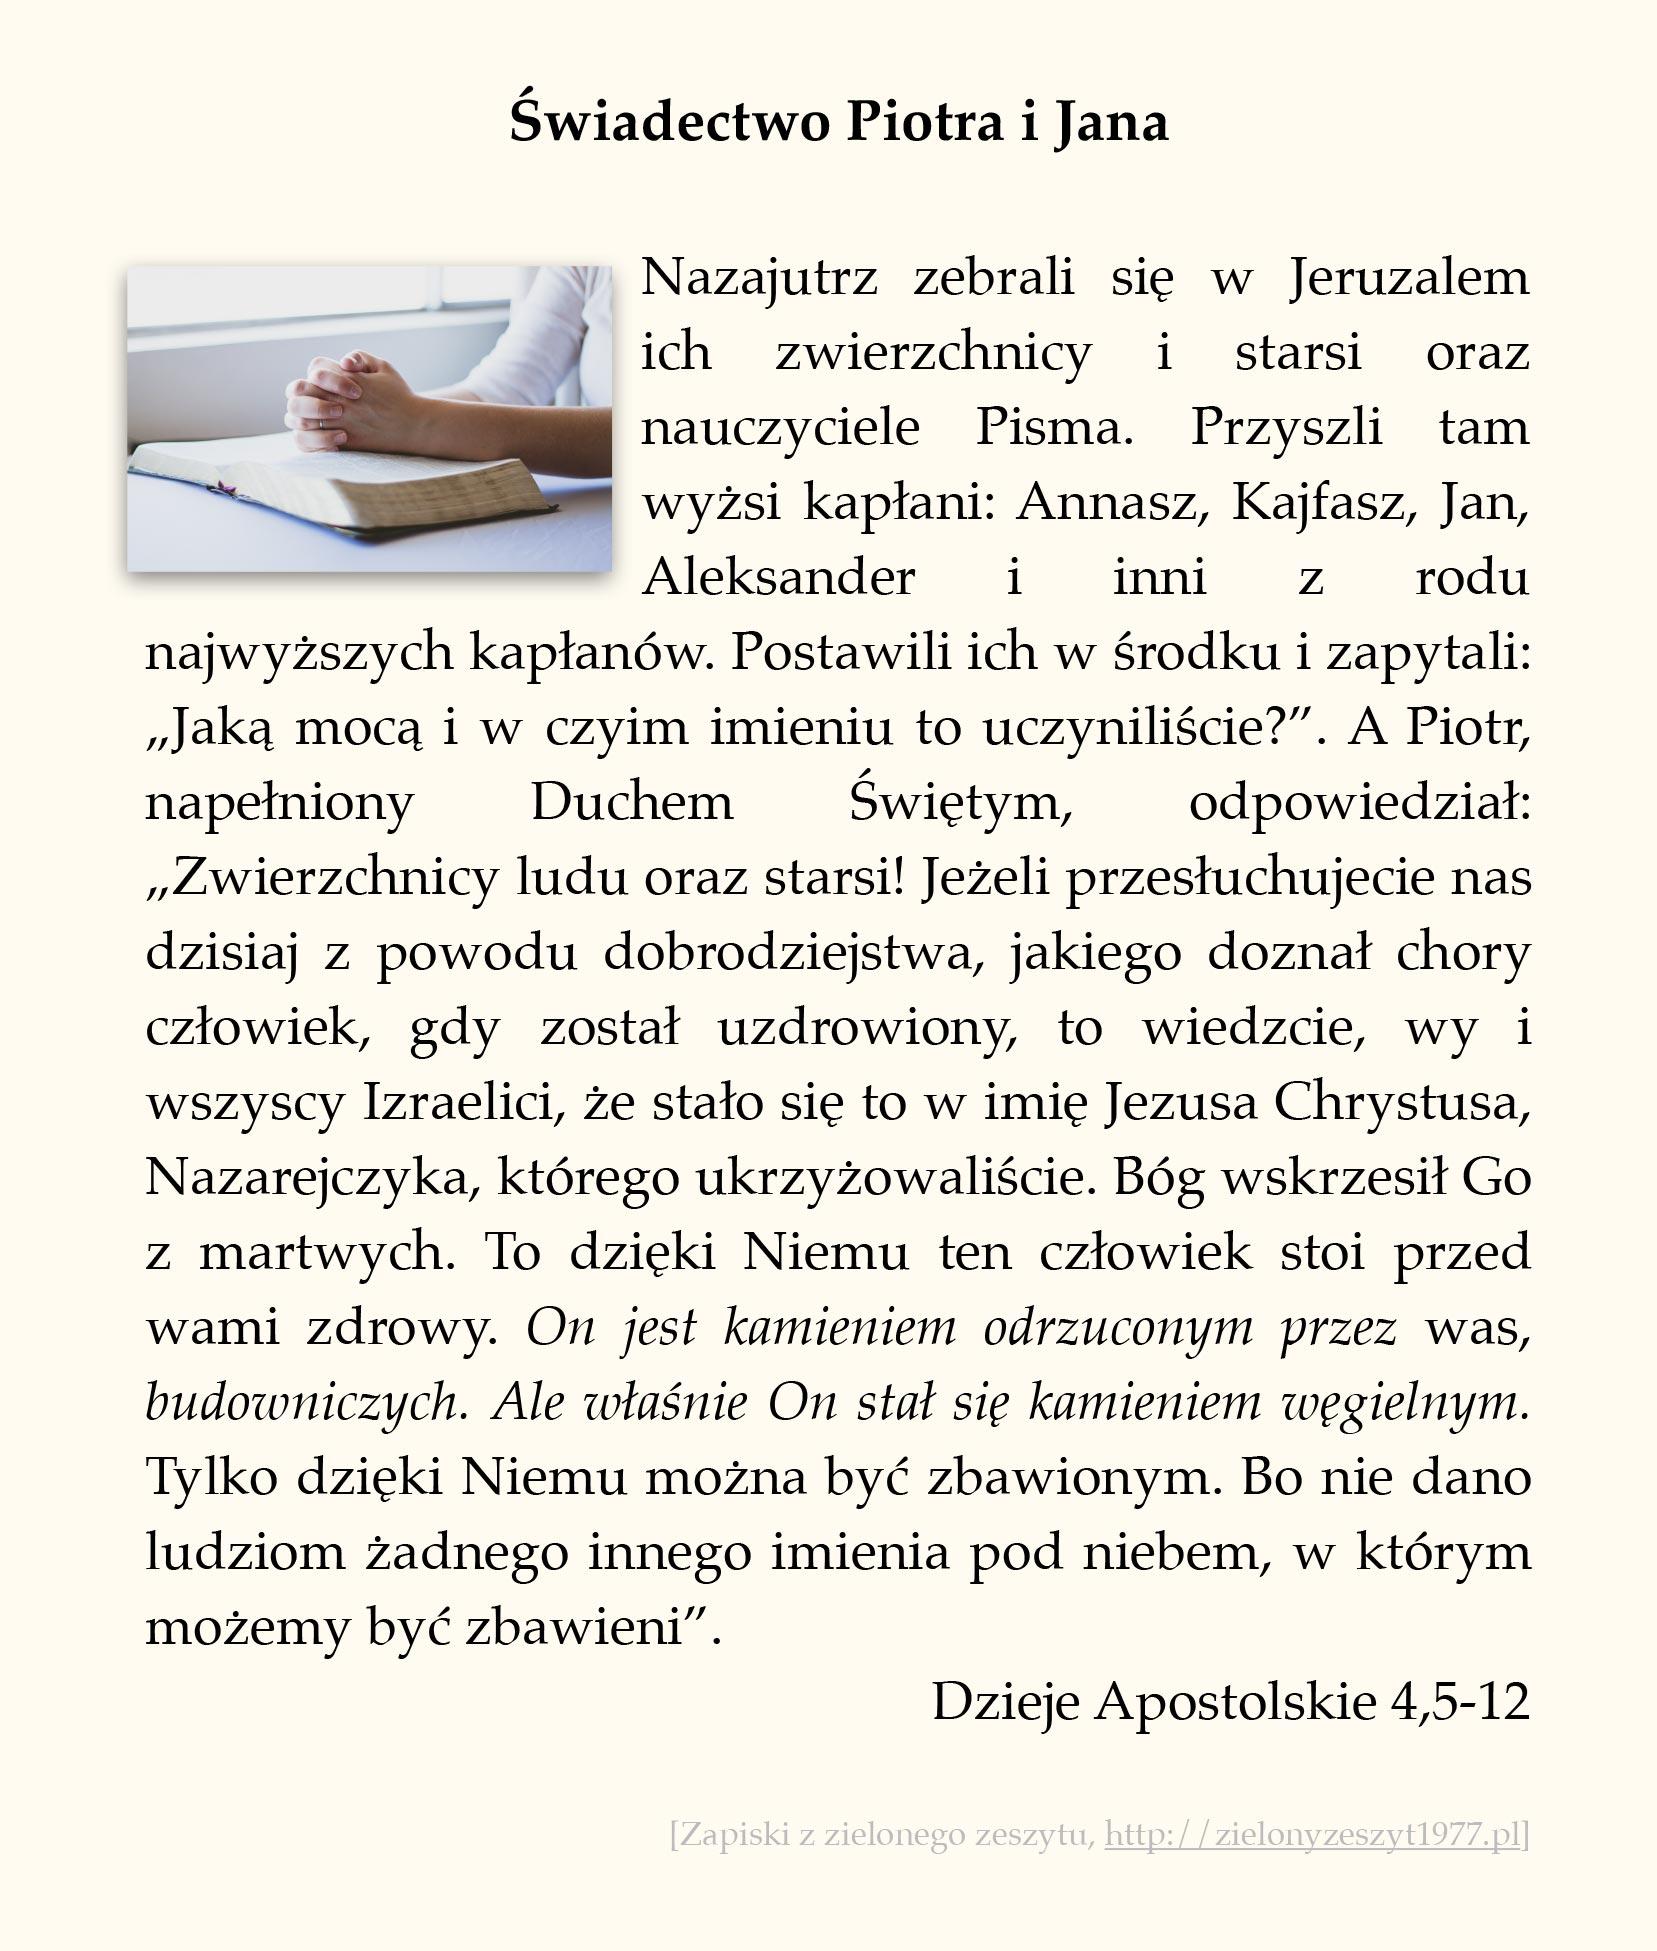 Świadectwo Piotra i Jana, Dzieje Apostolskie (#16)